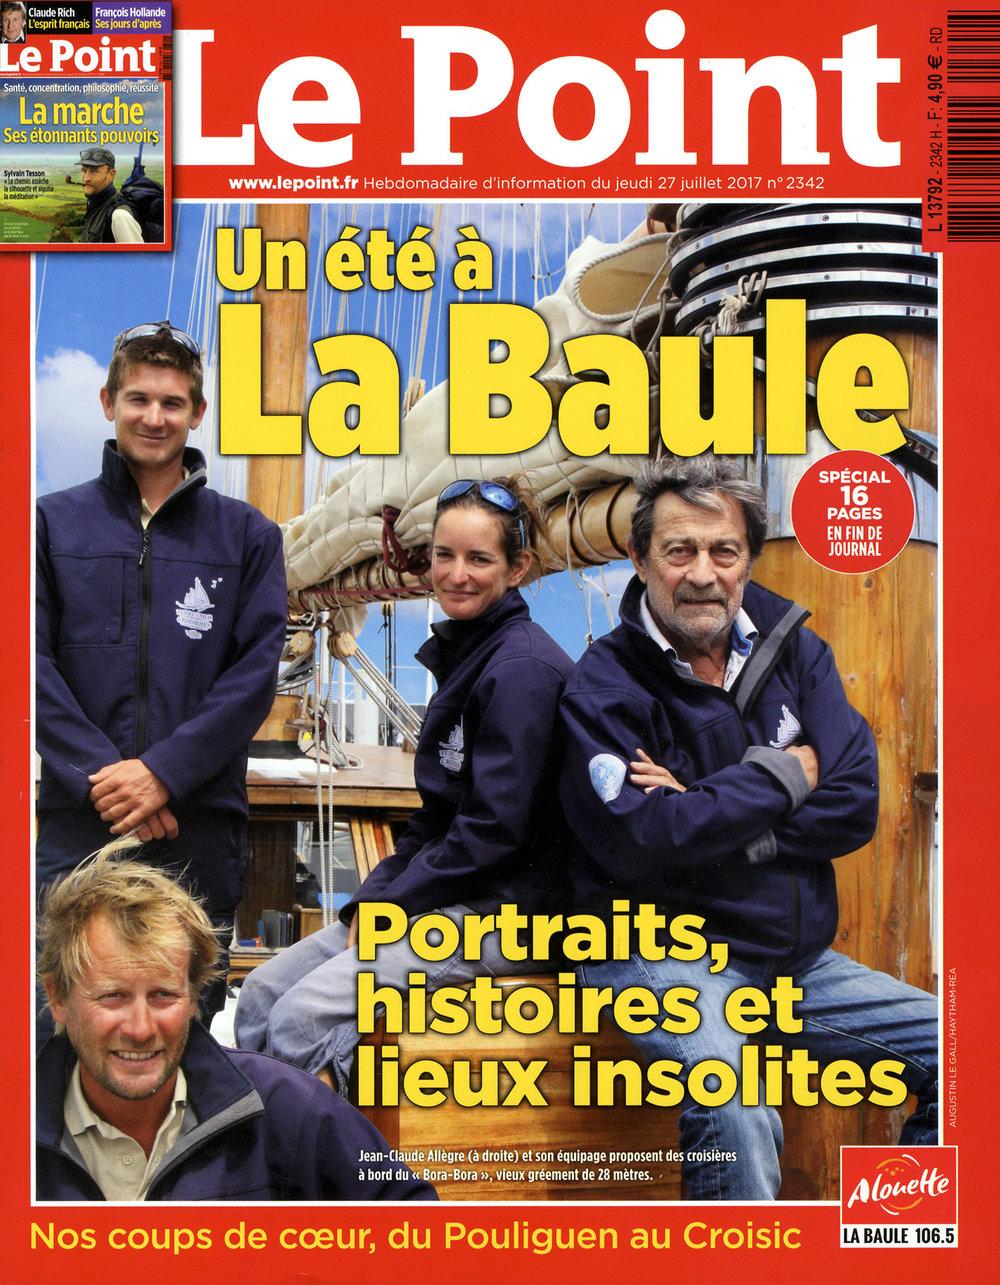 00-Augustin Le Gall Haytham pour Le Point Juillet-000.jpg